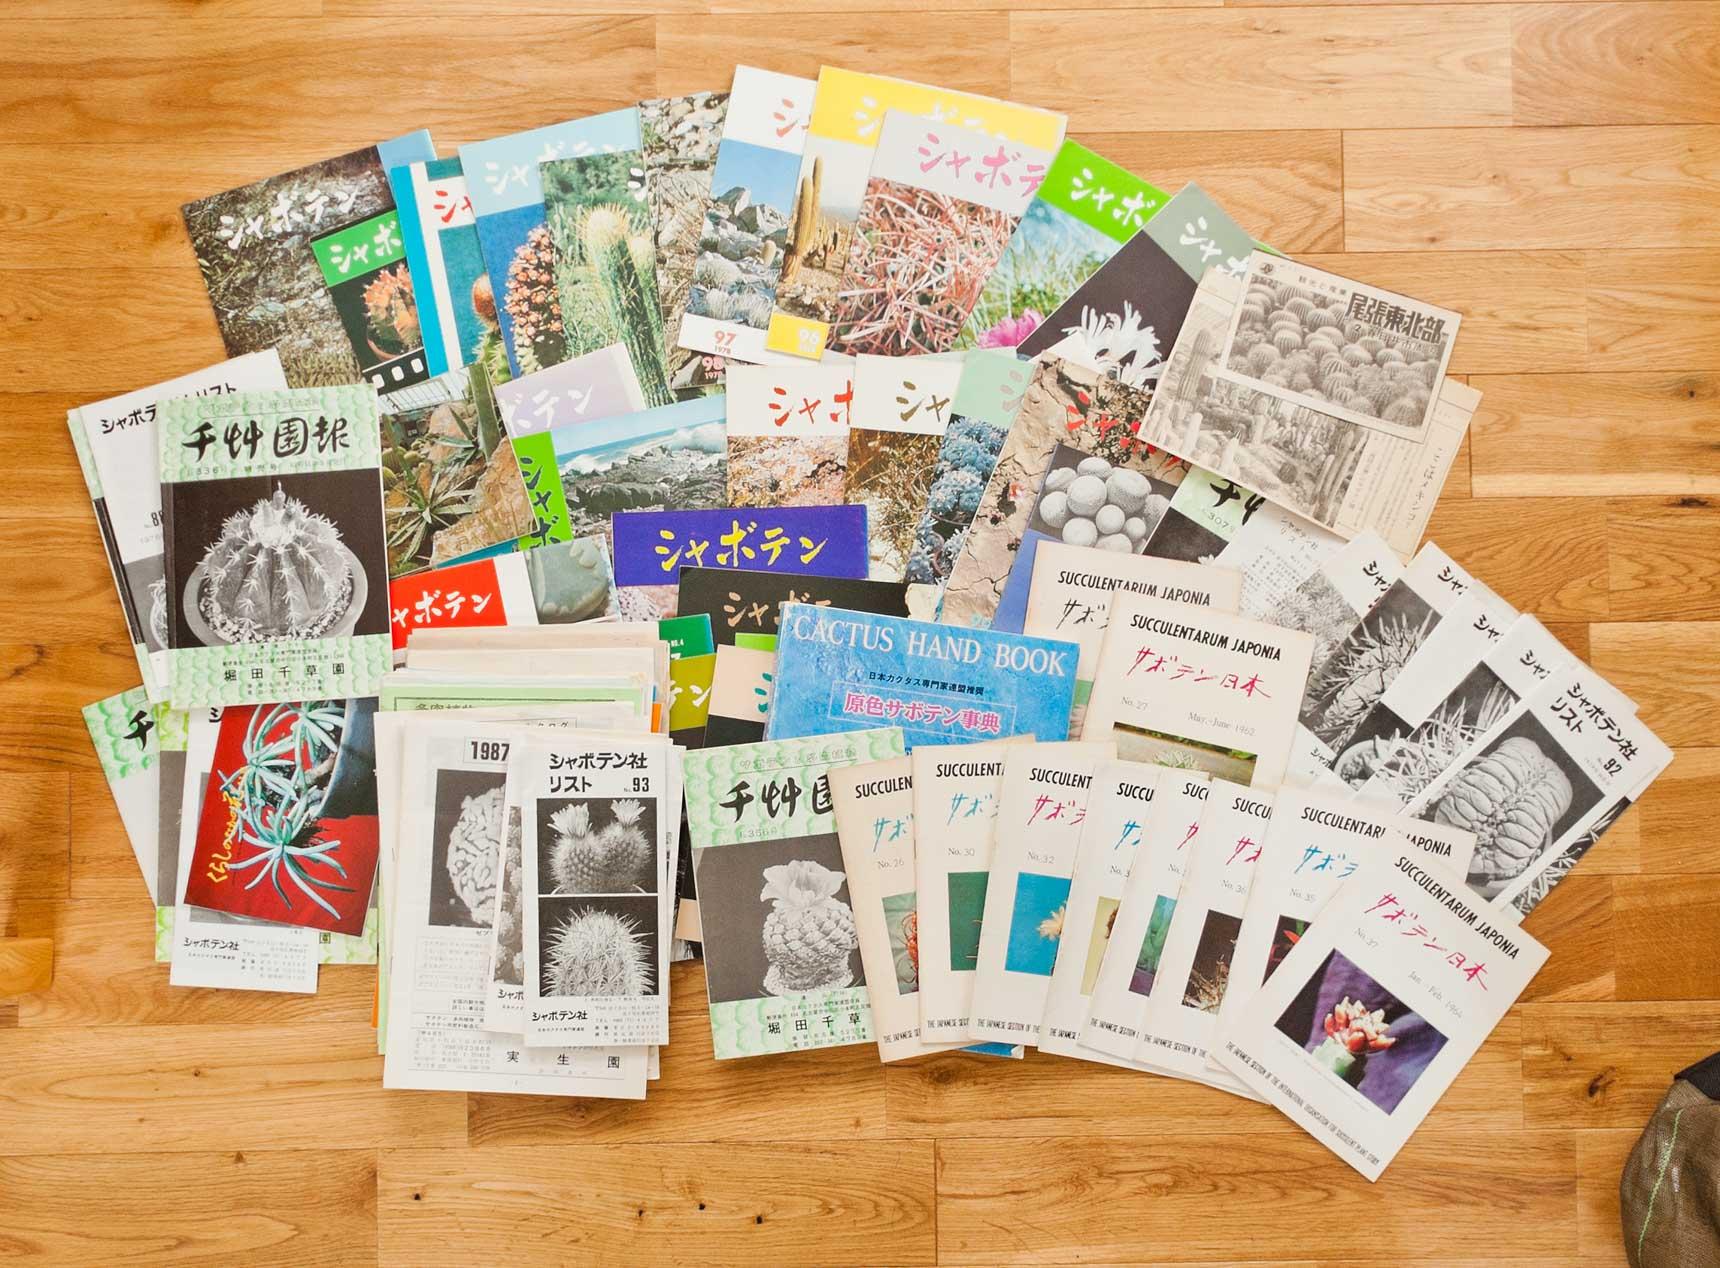 とはいえ、もちろんサボテンに関する造詣は深く、興味深い資料があったりする。この60年代~70年代の雑誌などはすごく魅力的だった。正直、ぼくはこれに一番興奮しちゃった。これに大興奮って、ぼくの部屋が倉庫になっちゃうのはこれはもうしょうがないな、と自分で思った。